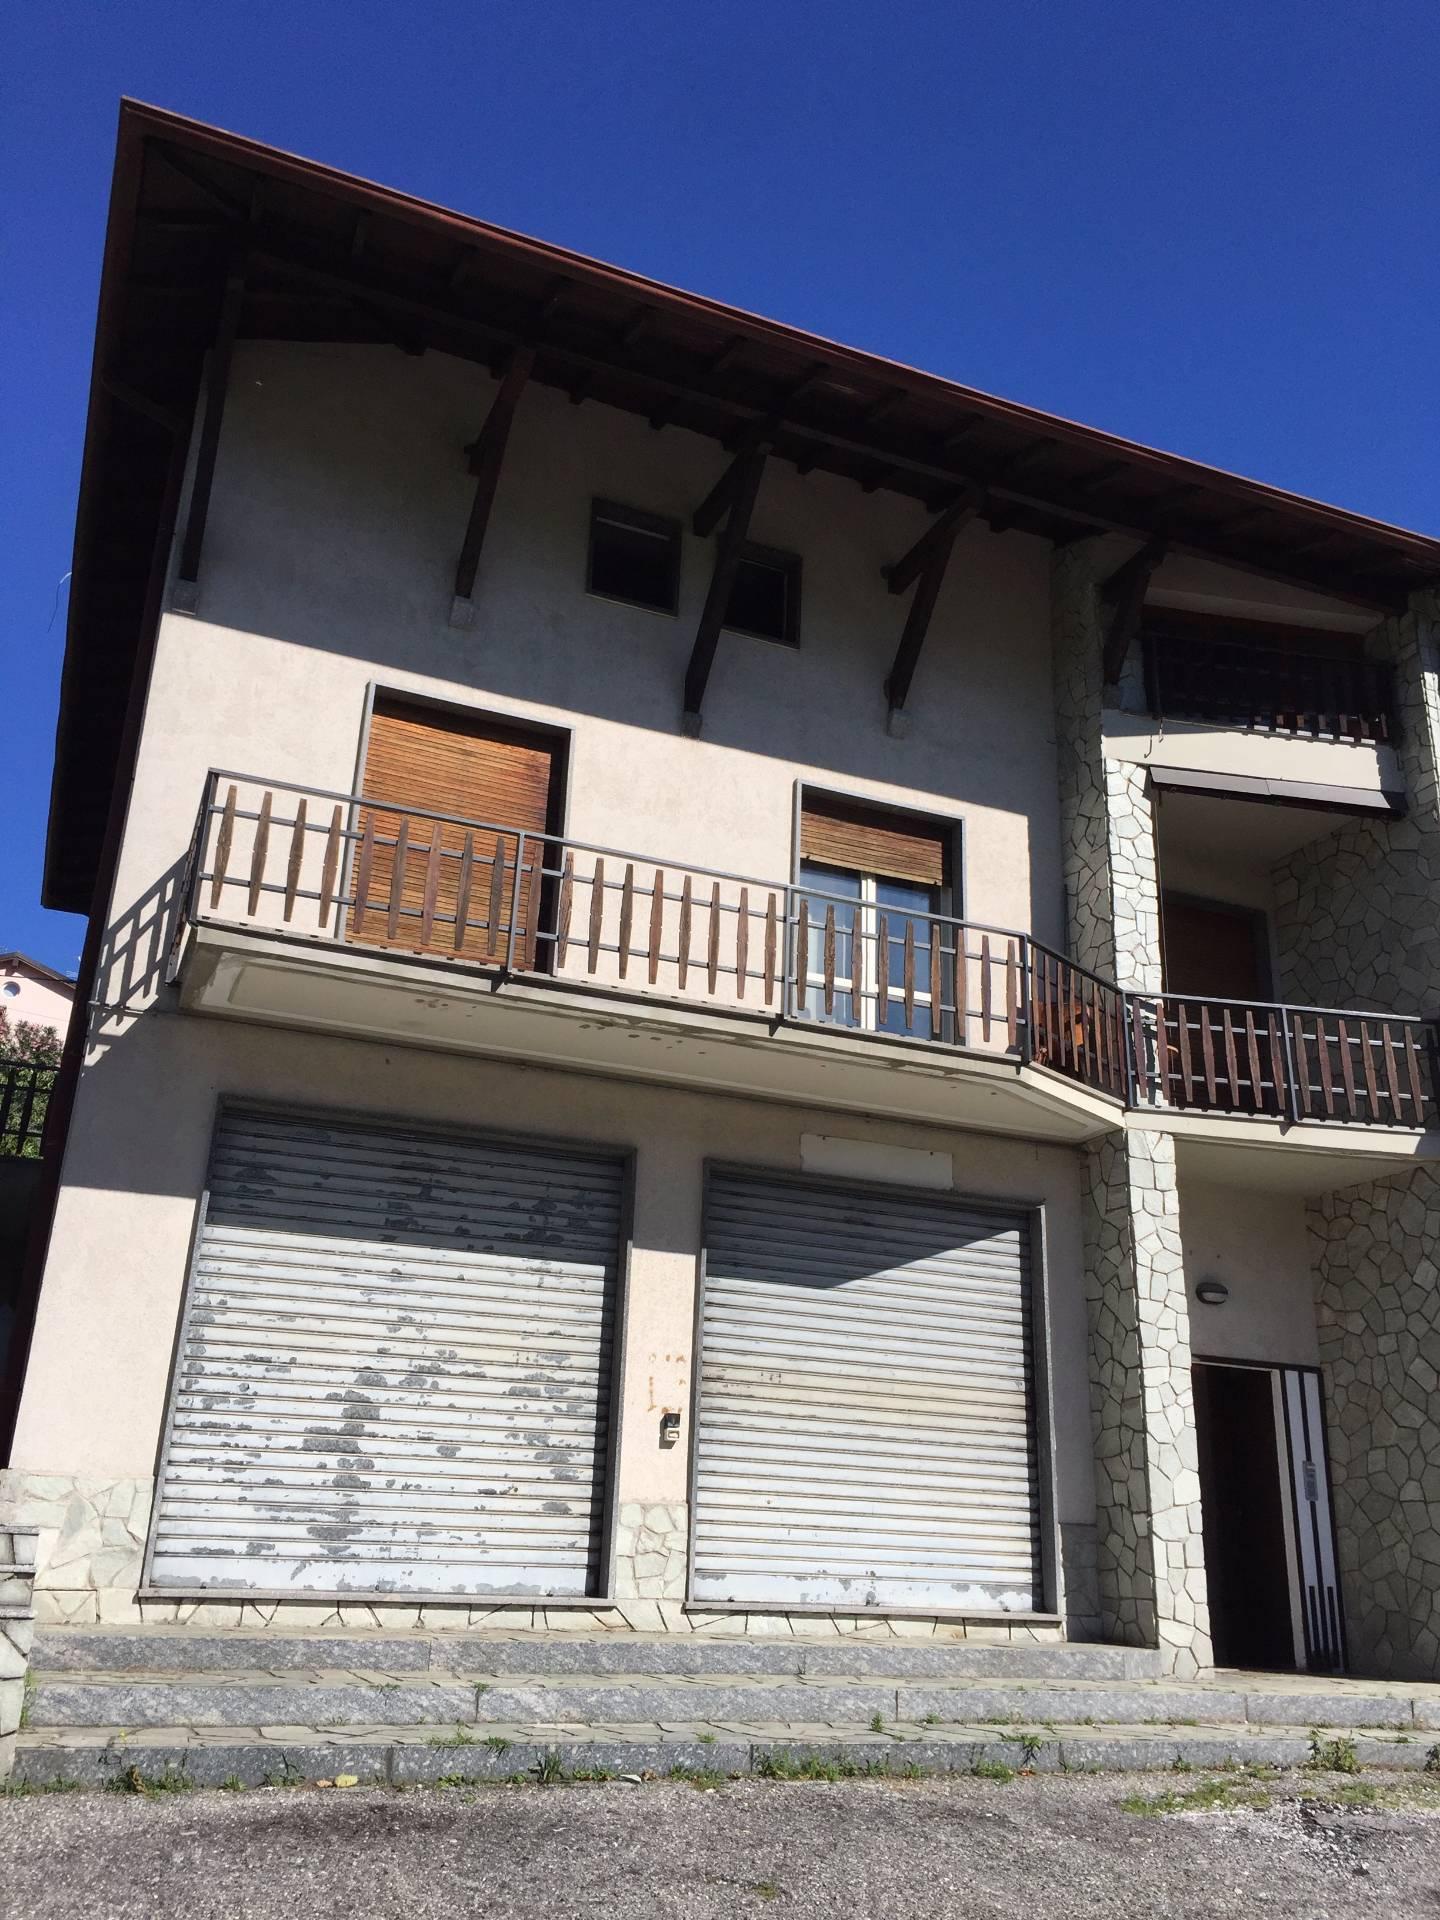 Negozio / Locale in vendita a Castelmarte, 9999 locali, prezzo € 65.000 | CambioCasa.it